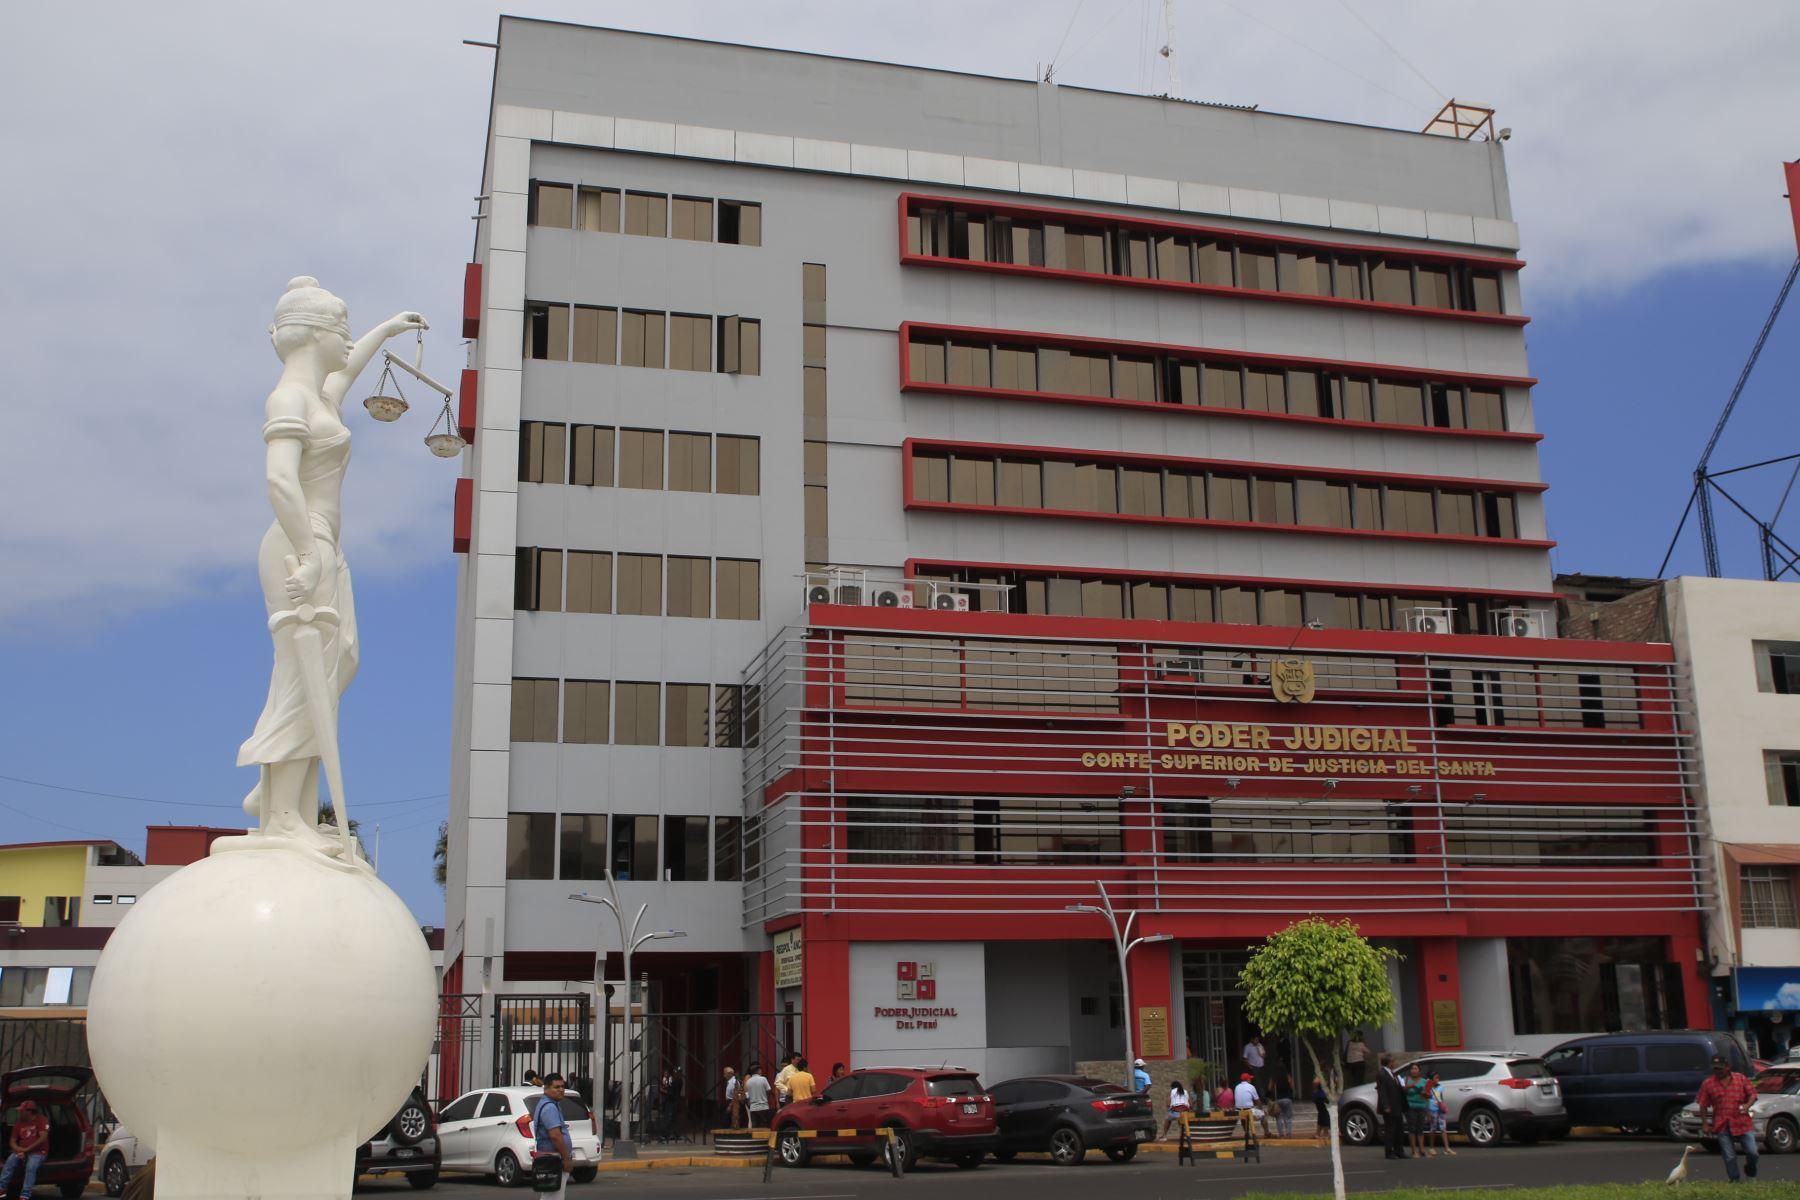 Corte Superior del Santa dictó 24 cadenas perpetuas por violación a menores. ANDINA/Difusión